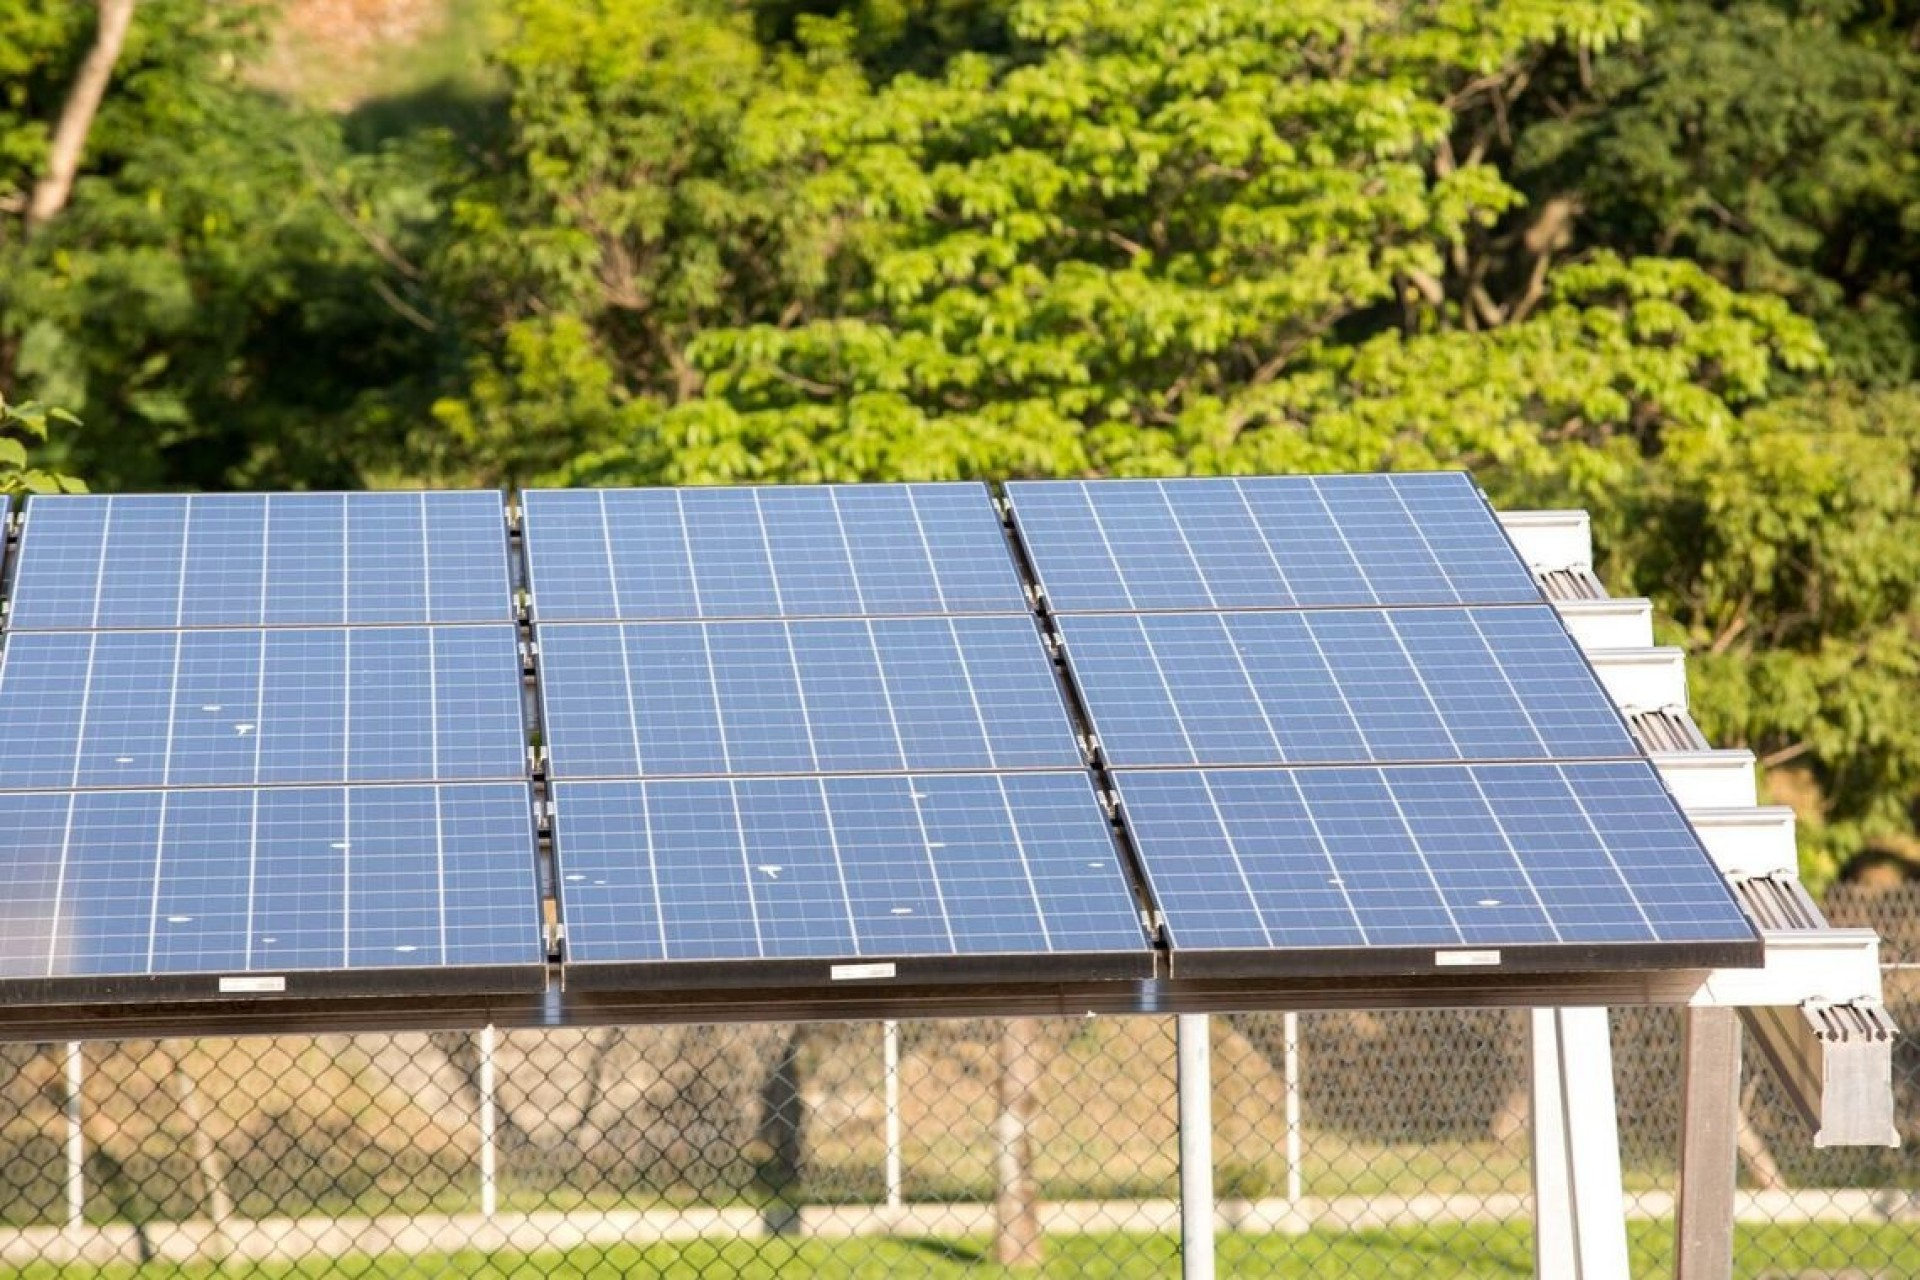 Em projeto pioneiro, Paraná vai instalar painéis solares em 246 prédios públicos